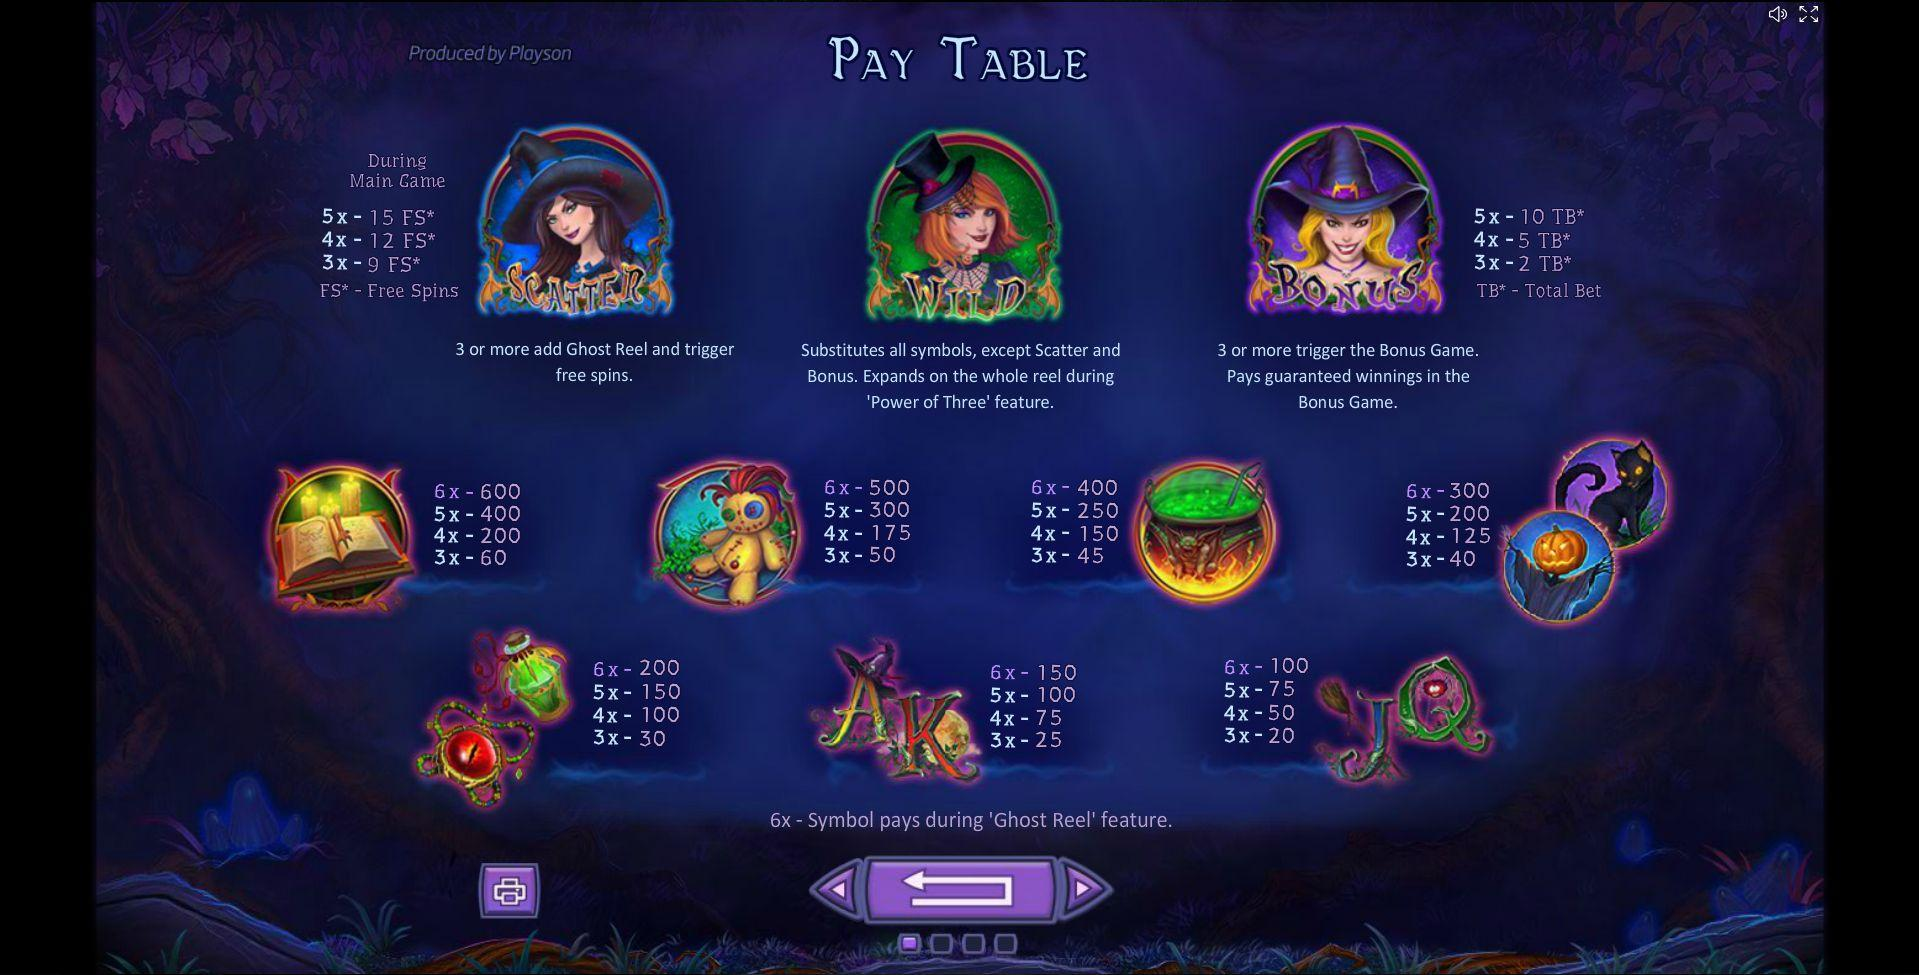 Spellcraft Slot Symbols